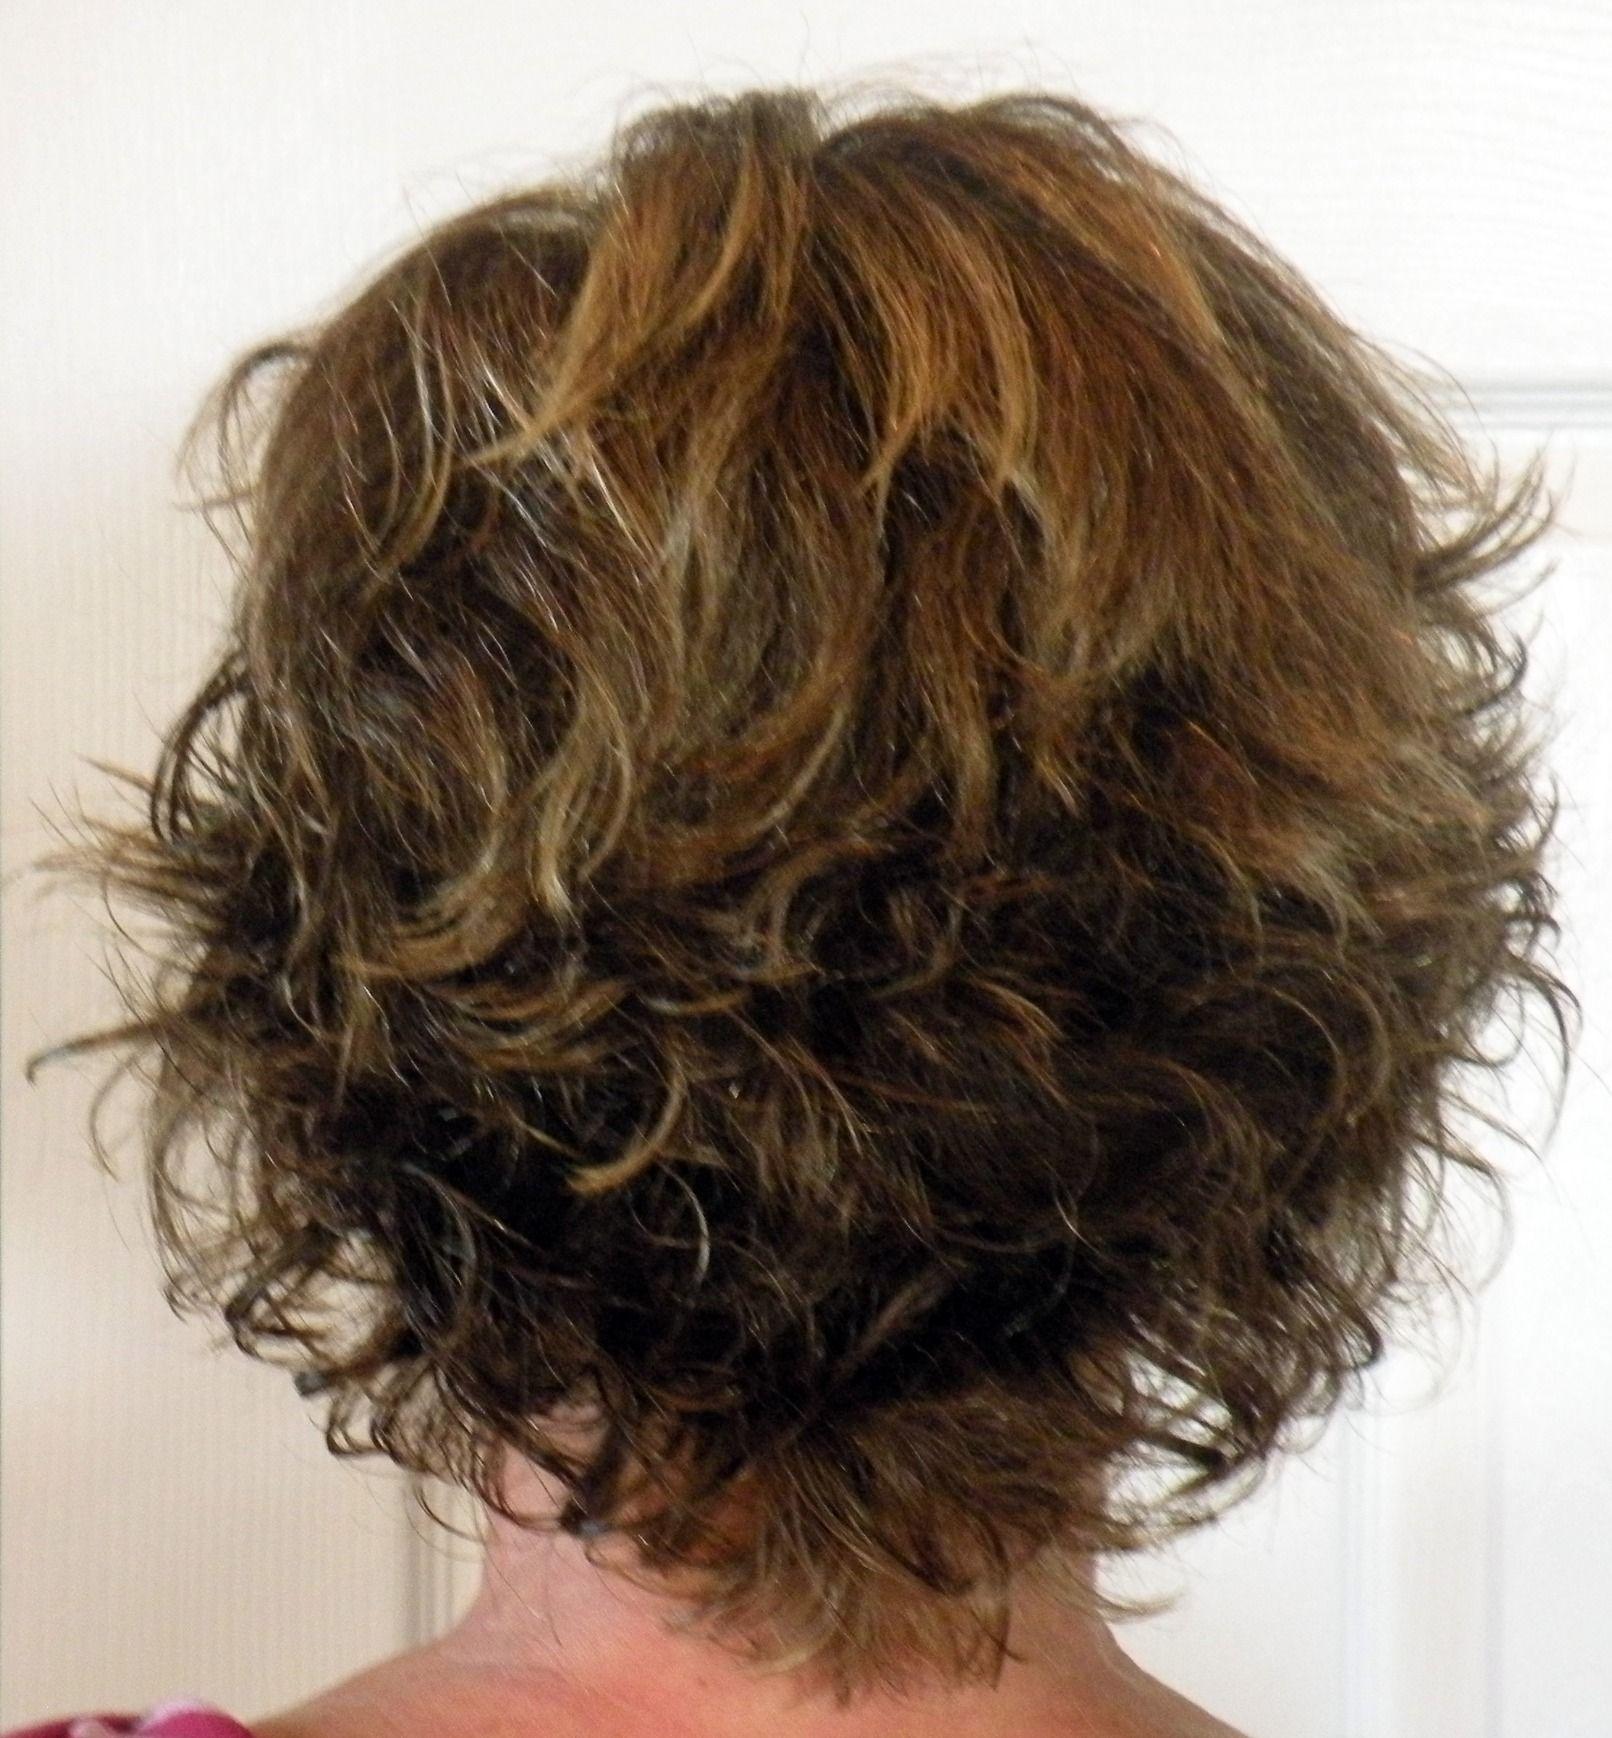 View source image good hair pinterest short shag short shag